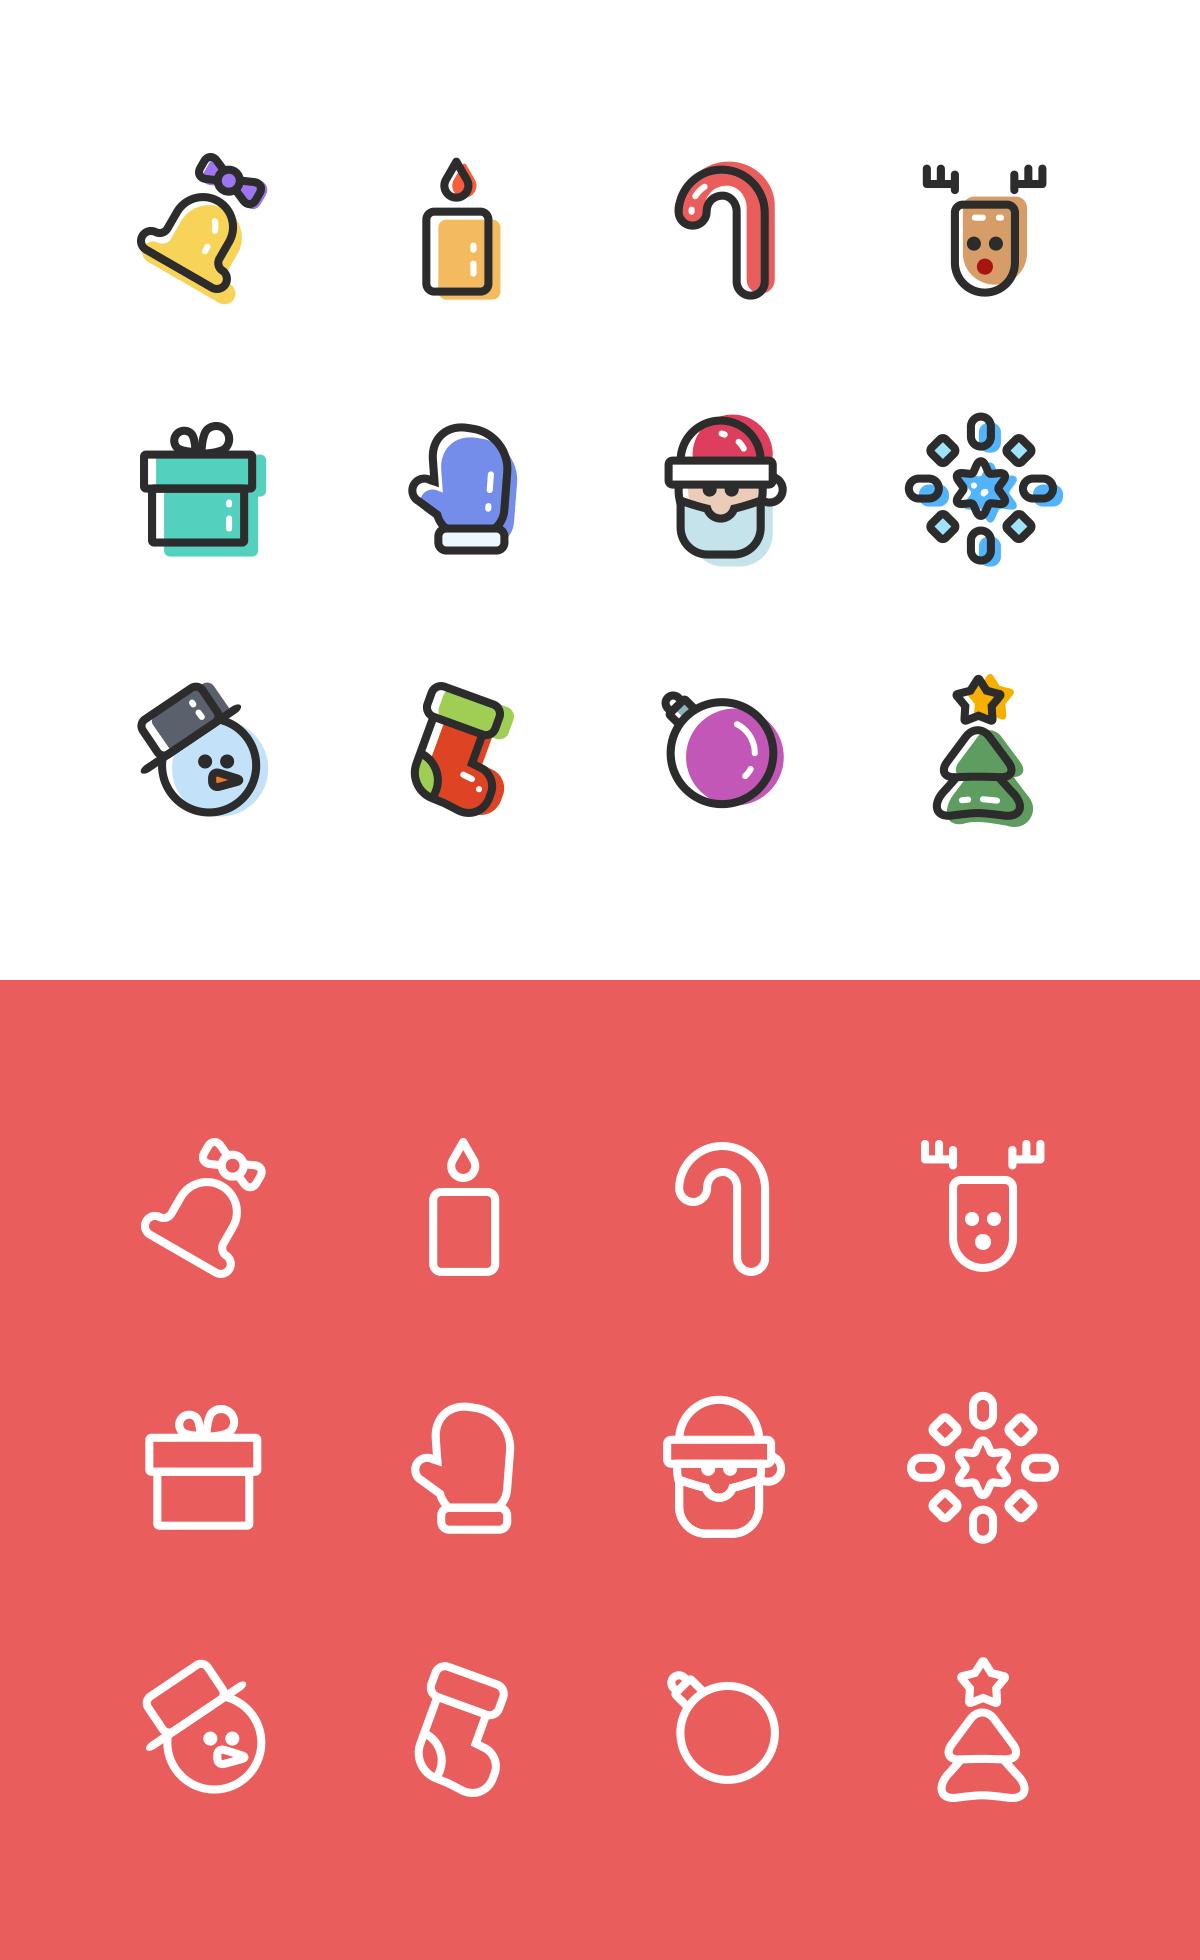 线性icon mbe风格图标 新年 圣诞节 鹿 蜡烛 礼物源文件下载